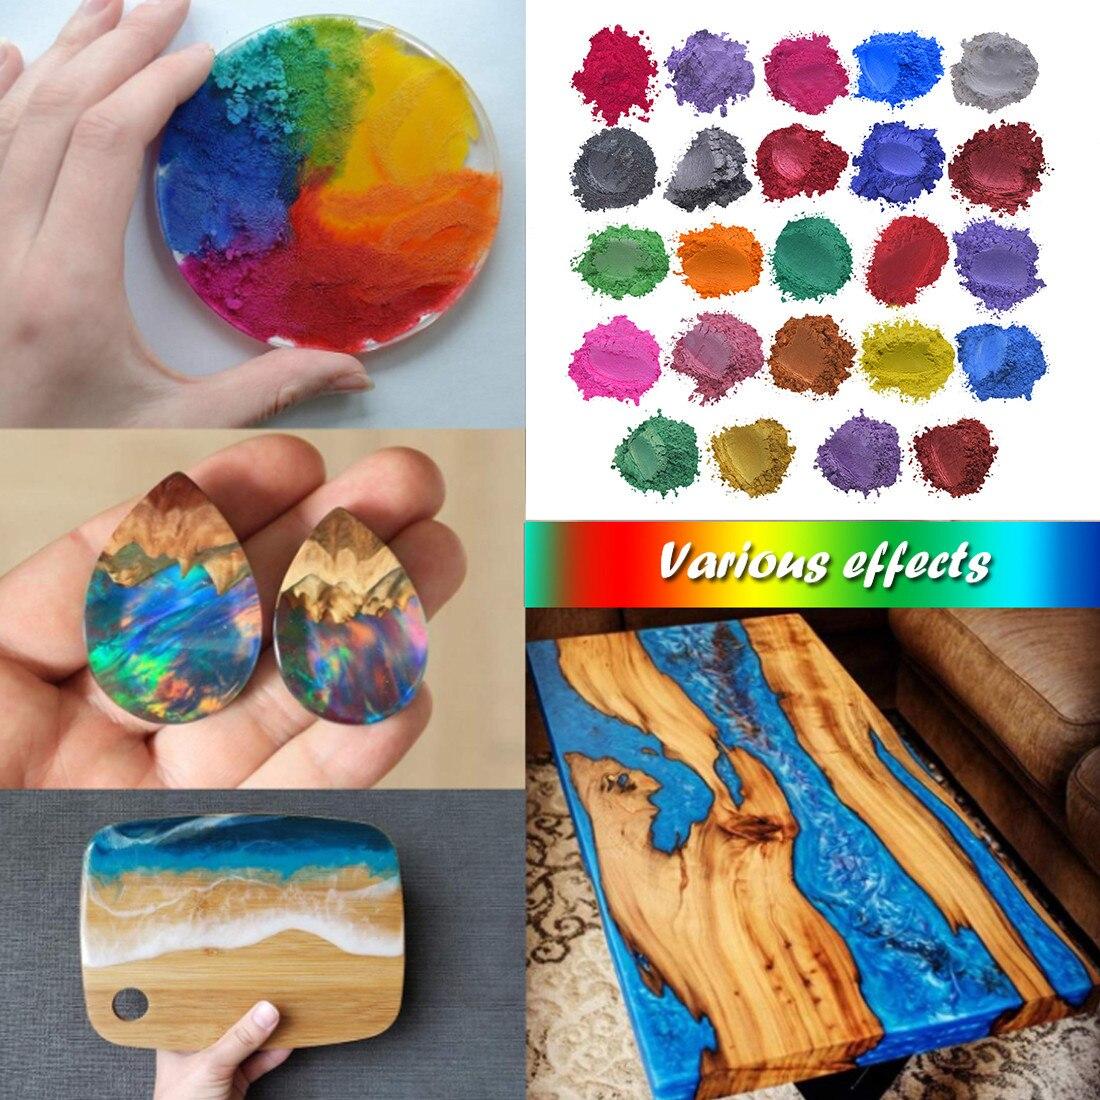 Resina epoxi metálico 24 colores X5g jabón conjunto de colores Color pigmento de Mica para polvo de bricolaje de alta calidad colorantes fabricación artesanal de jabón